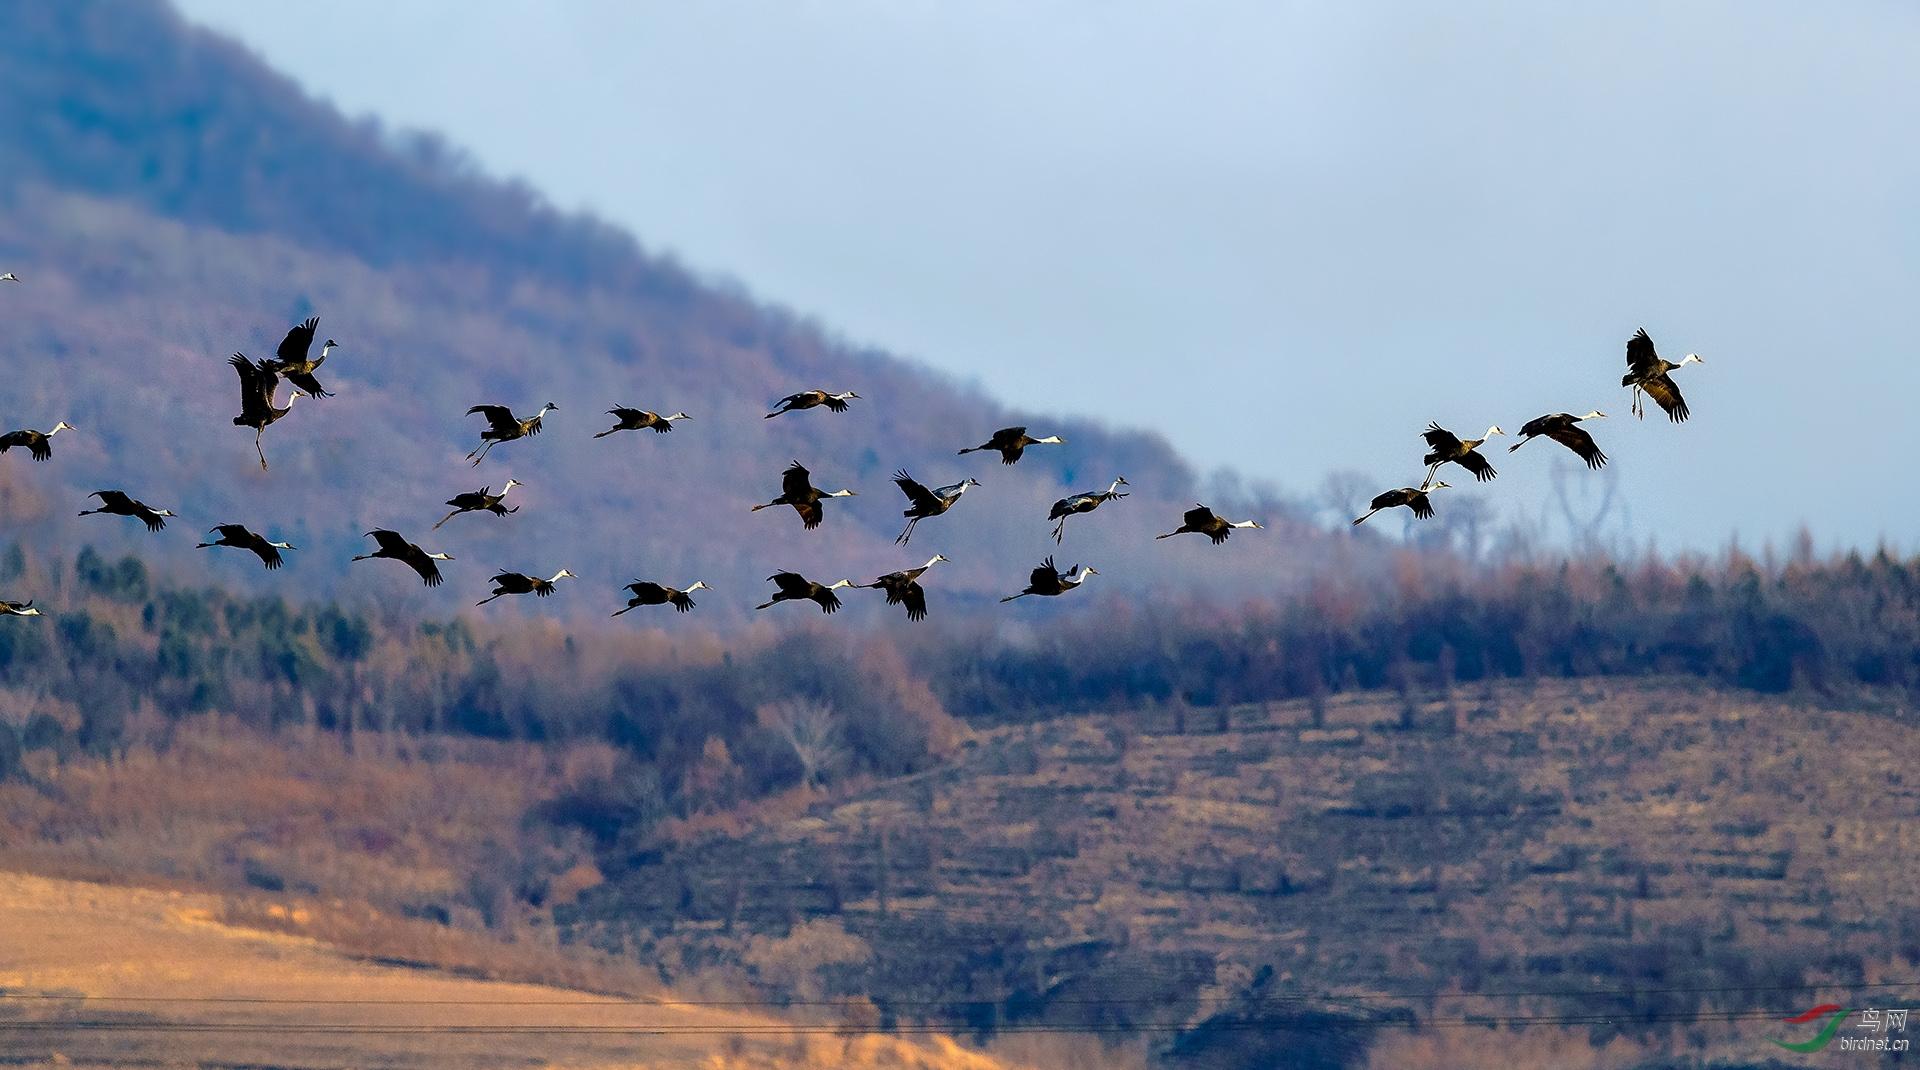 10,春风日渐暖•鹤鸟知归还 ( 白头鹤 国家一级保护) 金广山拍摄于转山湖湿地